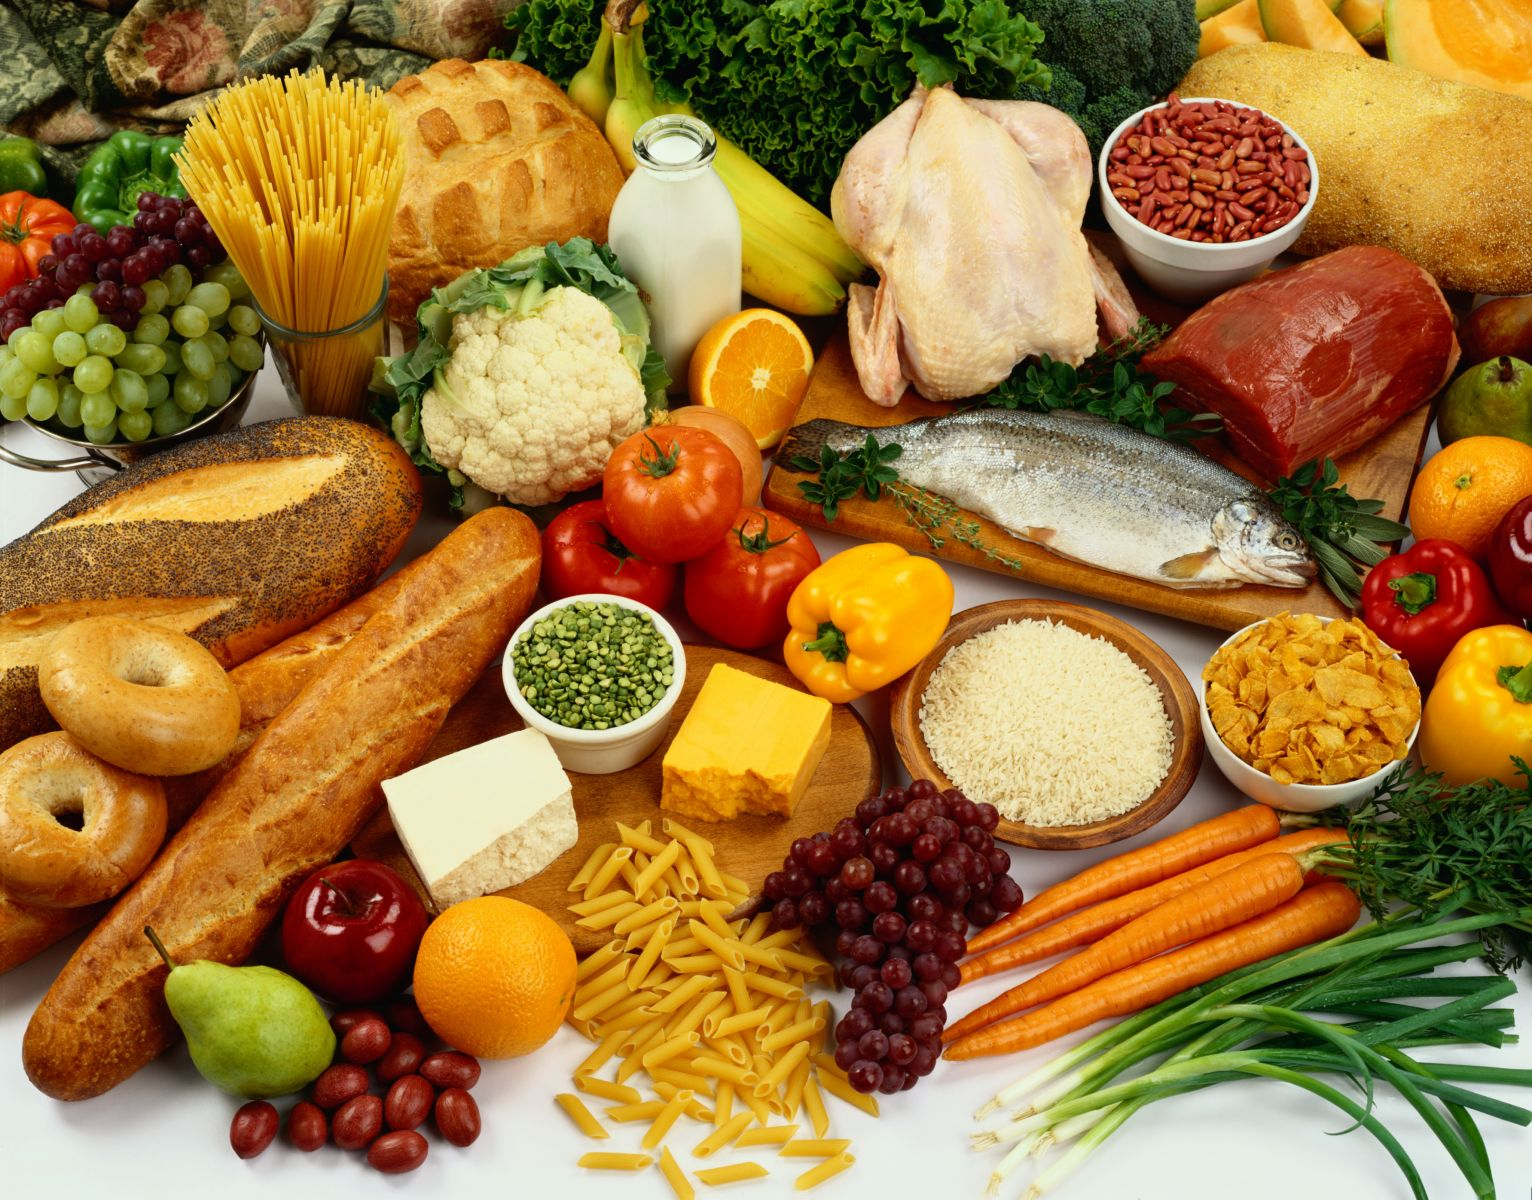 بالصور مطوية عن الغذاء , تعرف على الاطعامه التي تجعل جسم الانسان قوي 11830 10